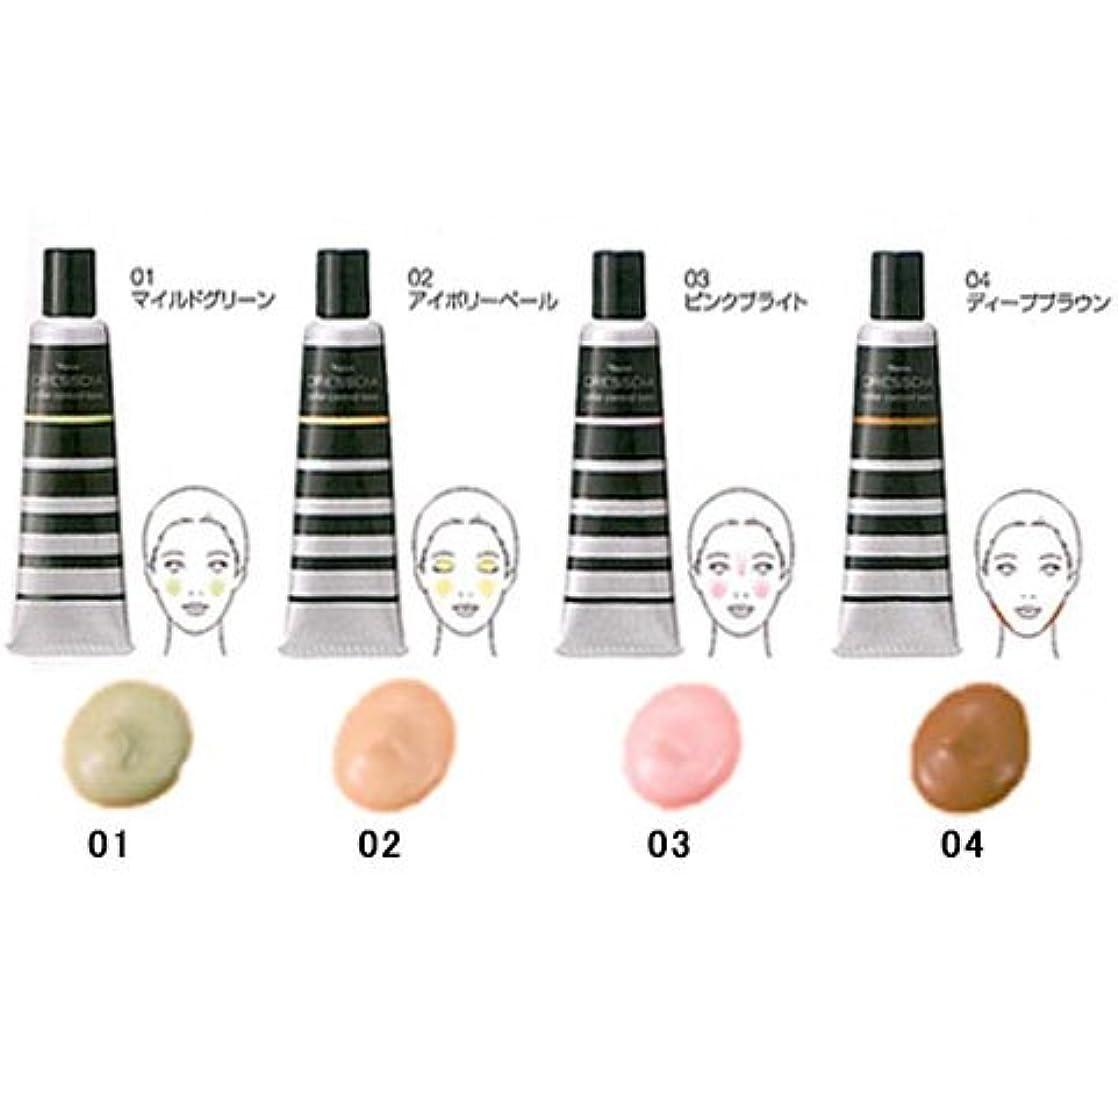 バンジージャンプ先見の明無声でナリス化粧品 ドレスディア カラーコントロールベース部分用 化粧下地 20g 04 ディープブラウン